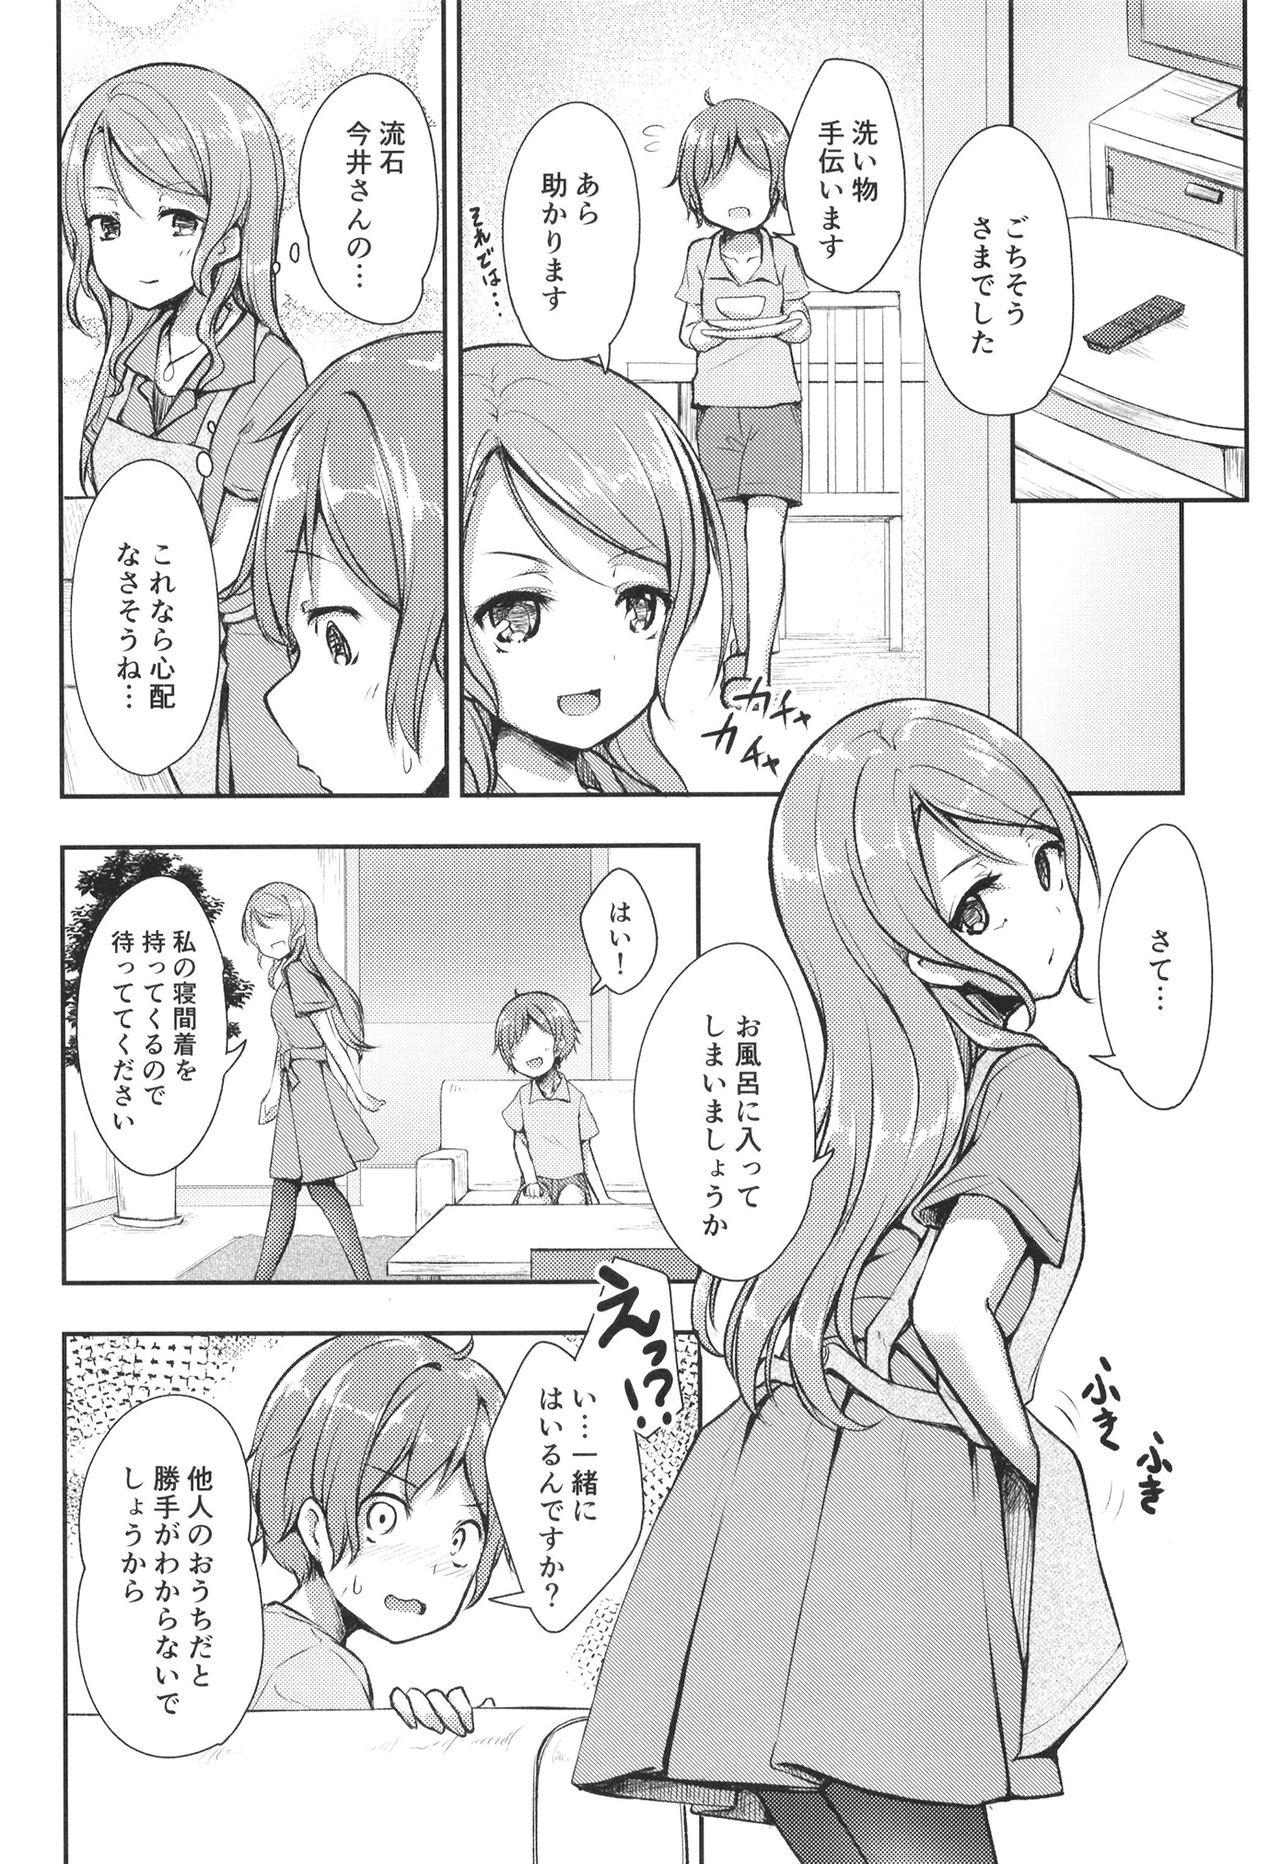 Hikawa House's Hospitality 3